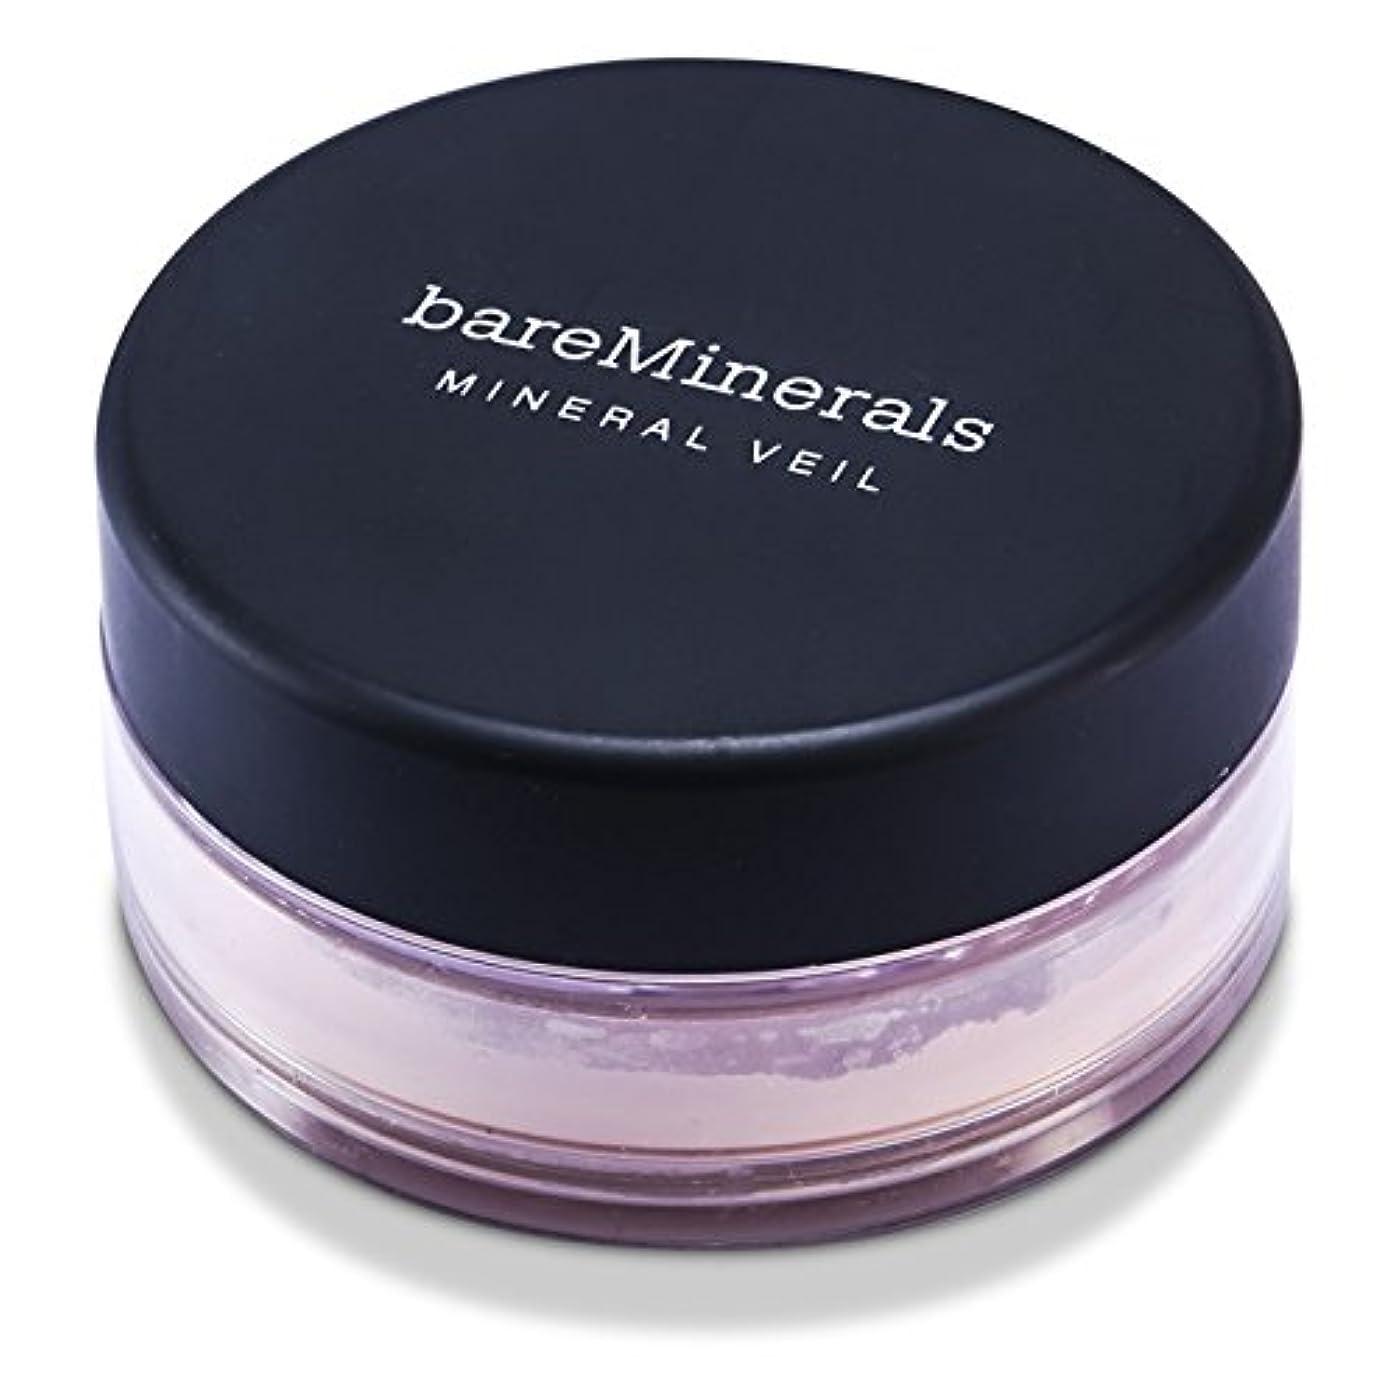 アカウント我慢するデコレーションベアミネラル i.d. ミネラルヴェイル - Mineral Veil 9g/0.3oz並行輸入品